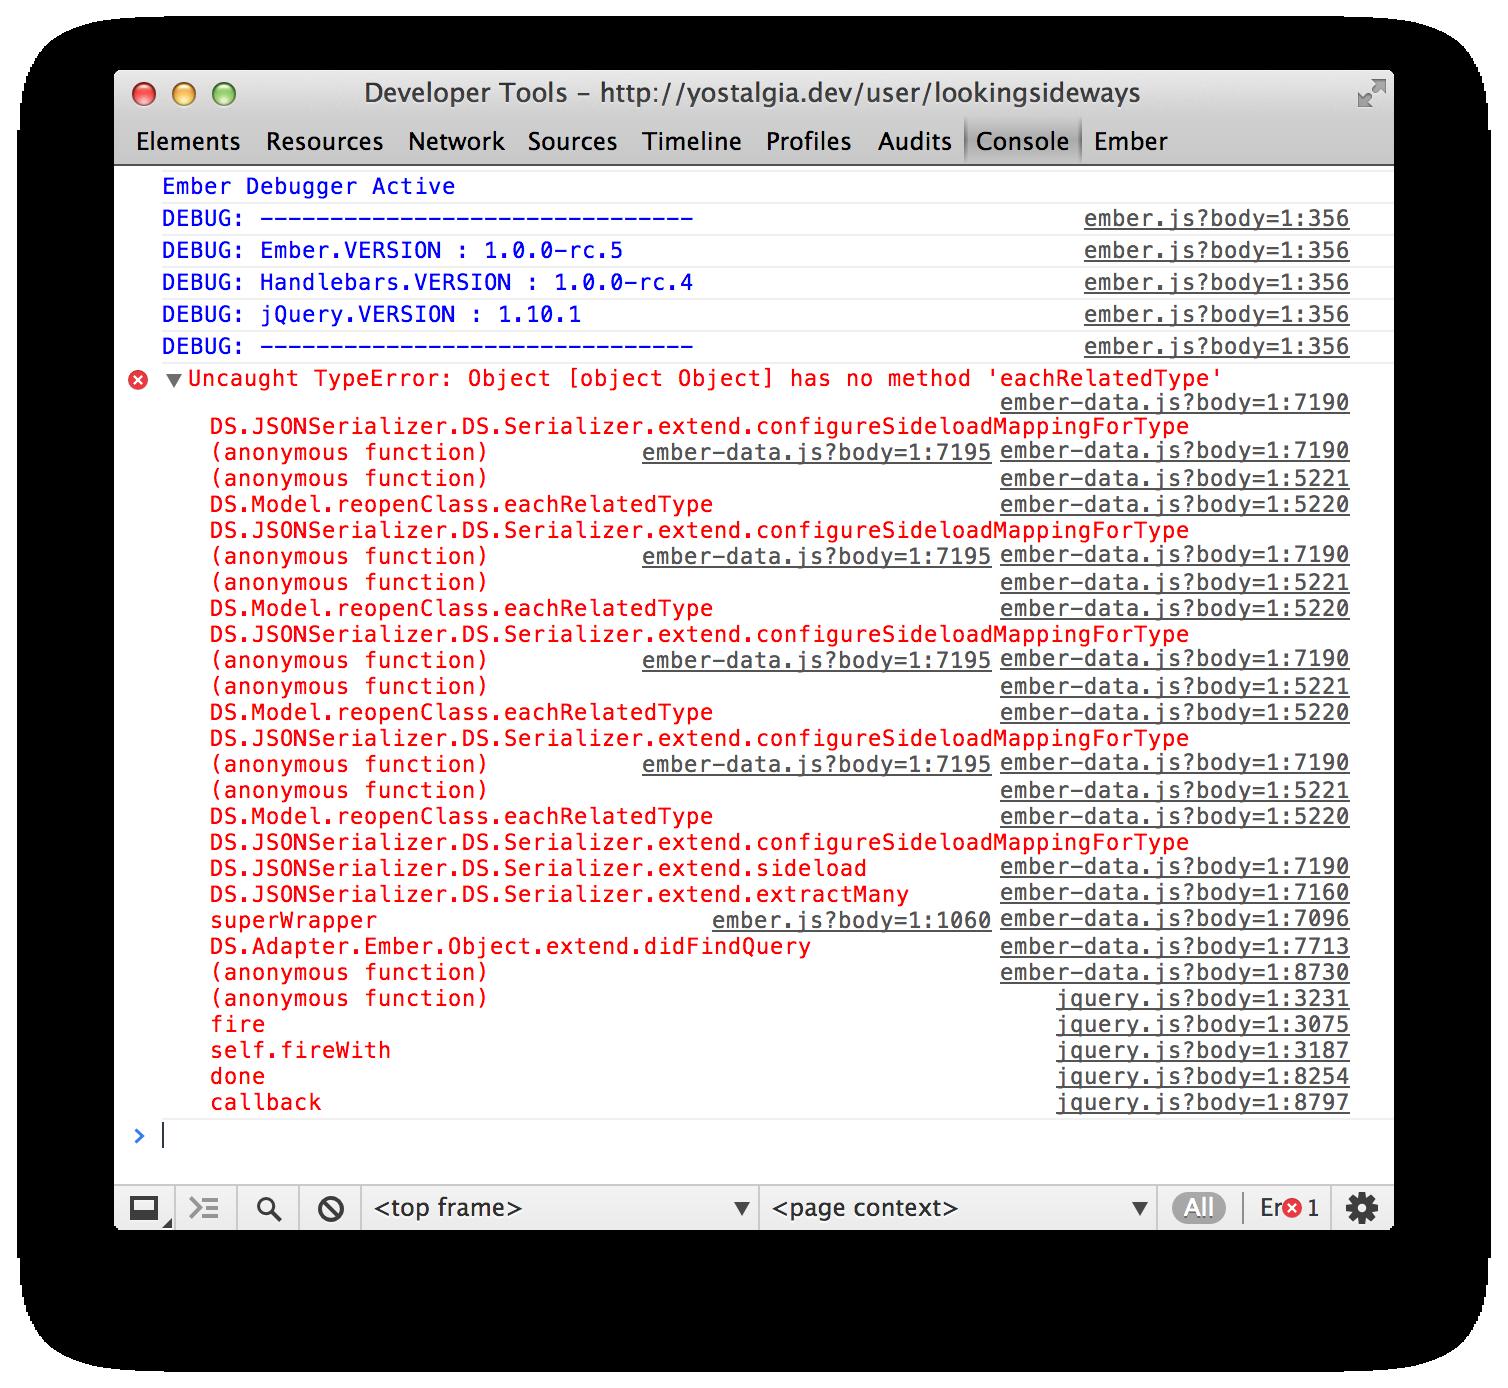 screen shot 2013-06-20 at 16 58 02